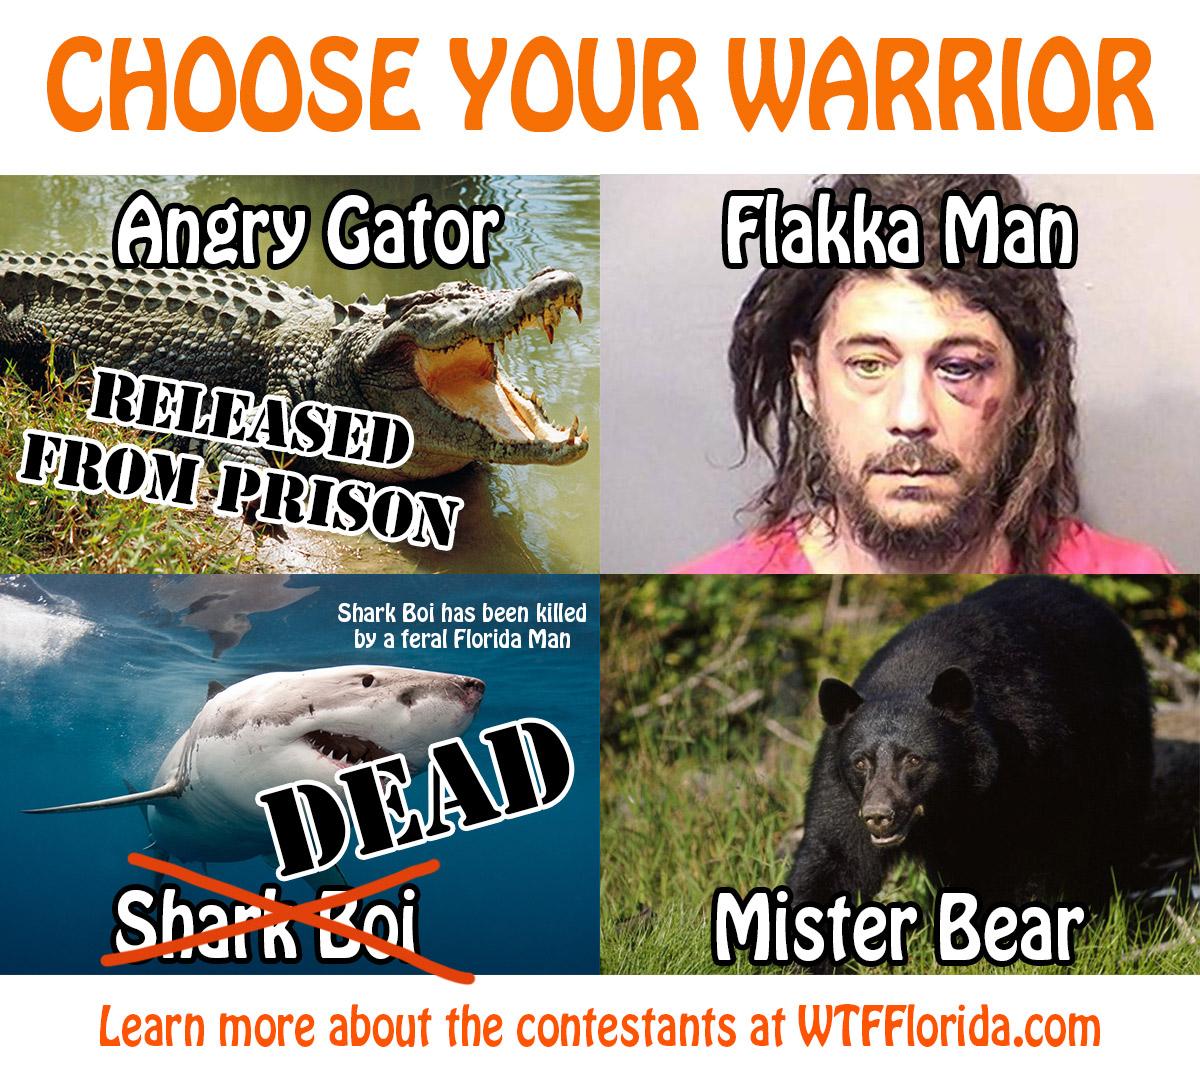 ChooseWarrior4